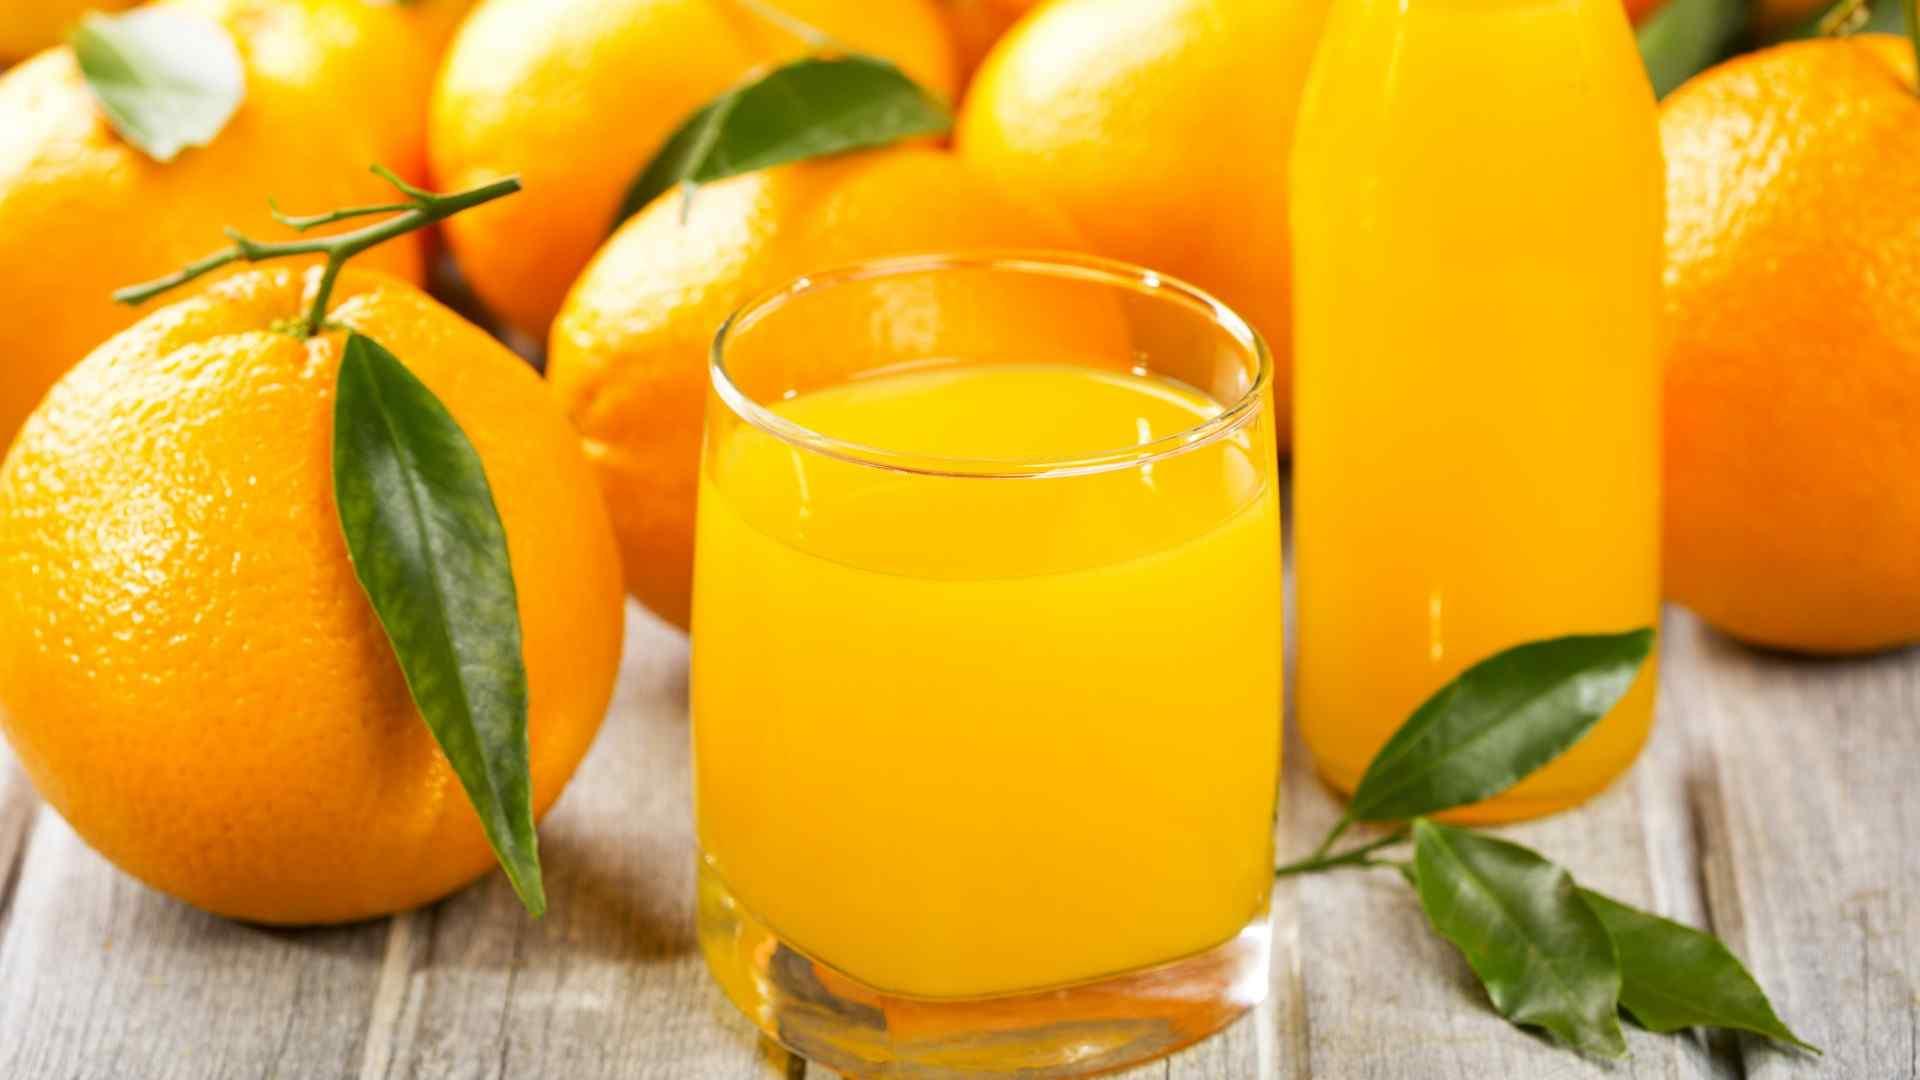 美味橙汁高清壁纸